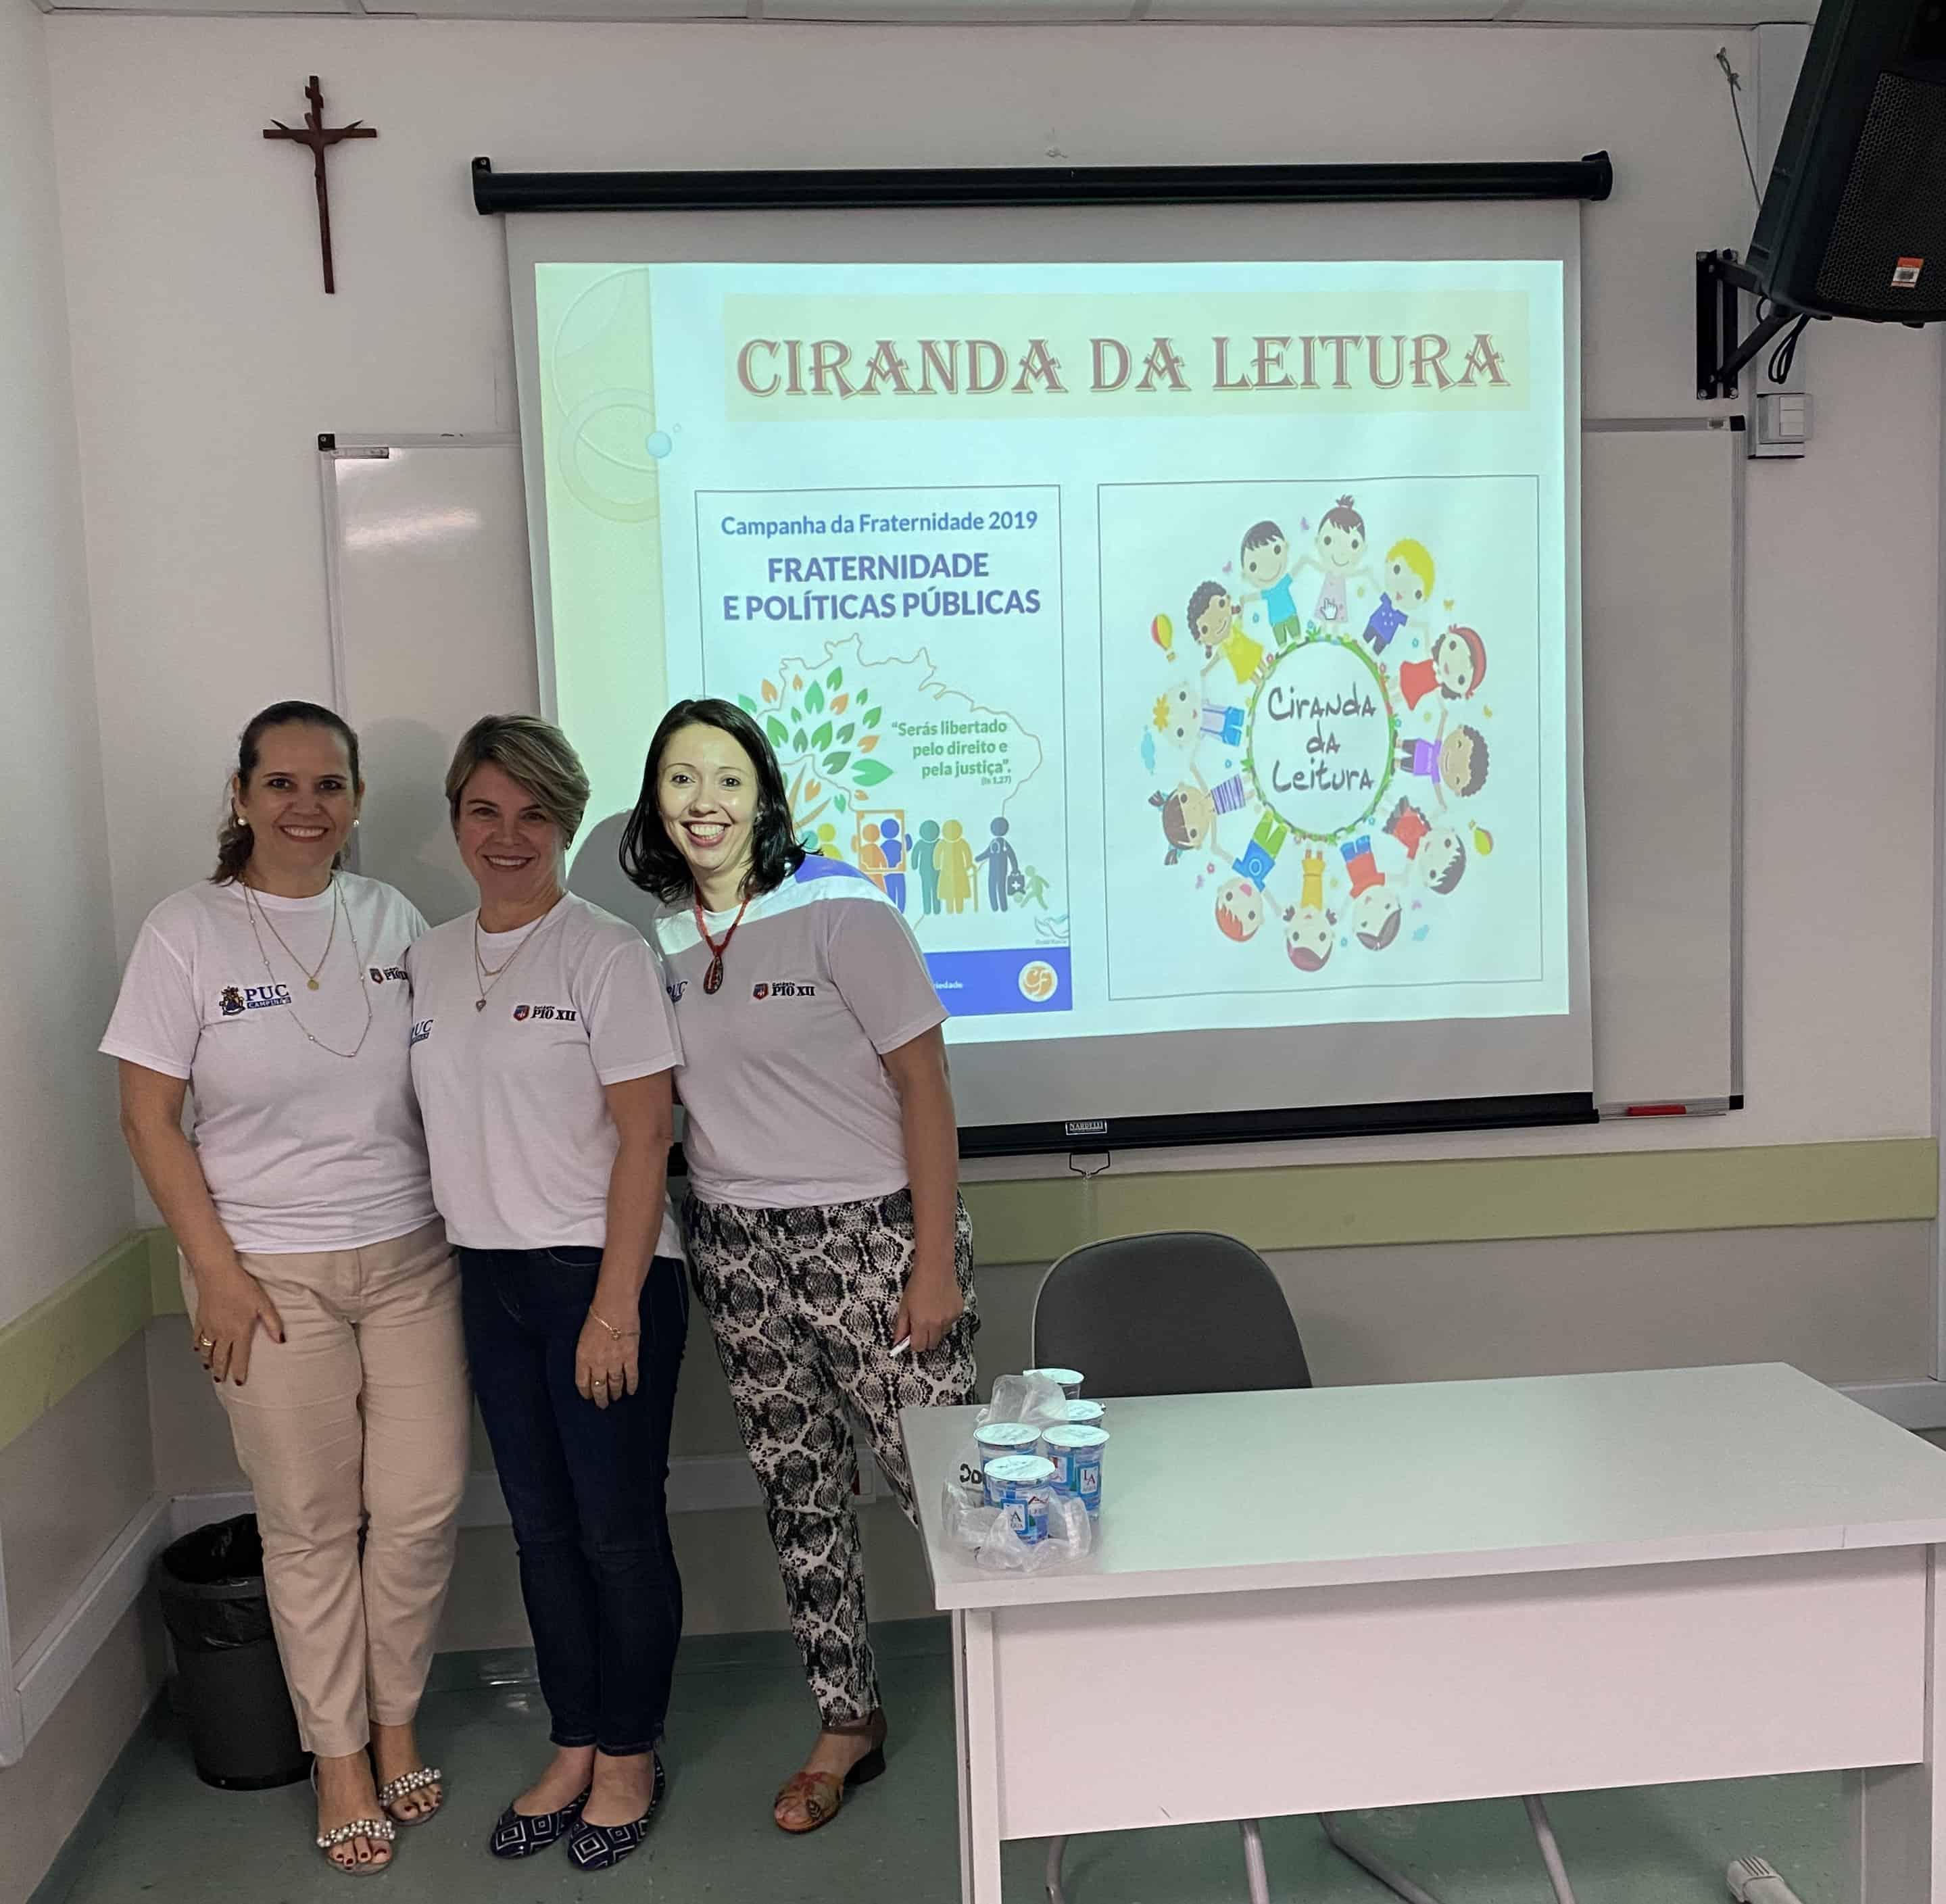 PROFESSORES DO PIO XII NO XII SEMINÁRIO DE EDUCAÇÃO DA PUC-CAMPINAS